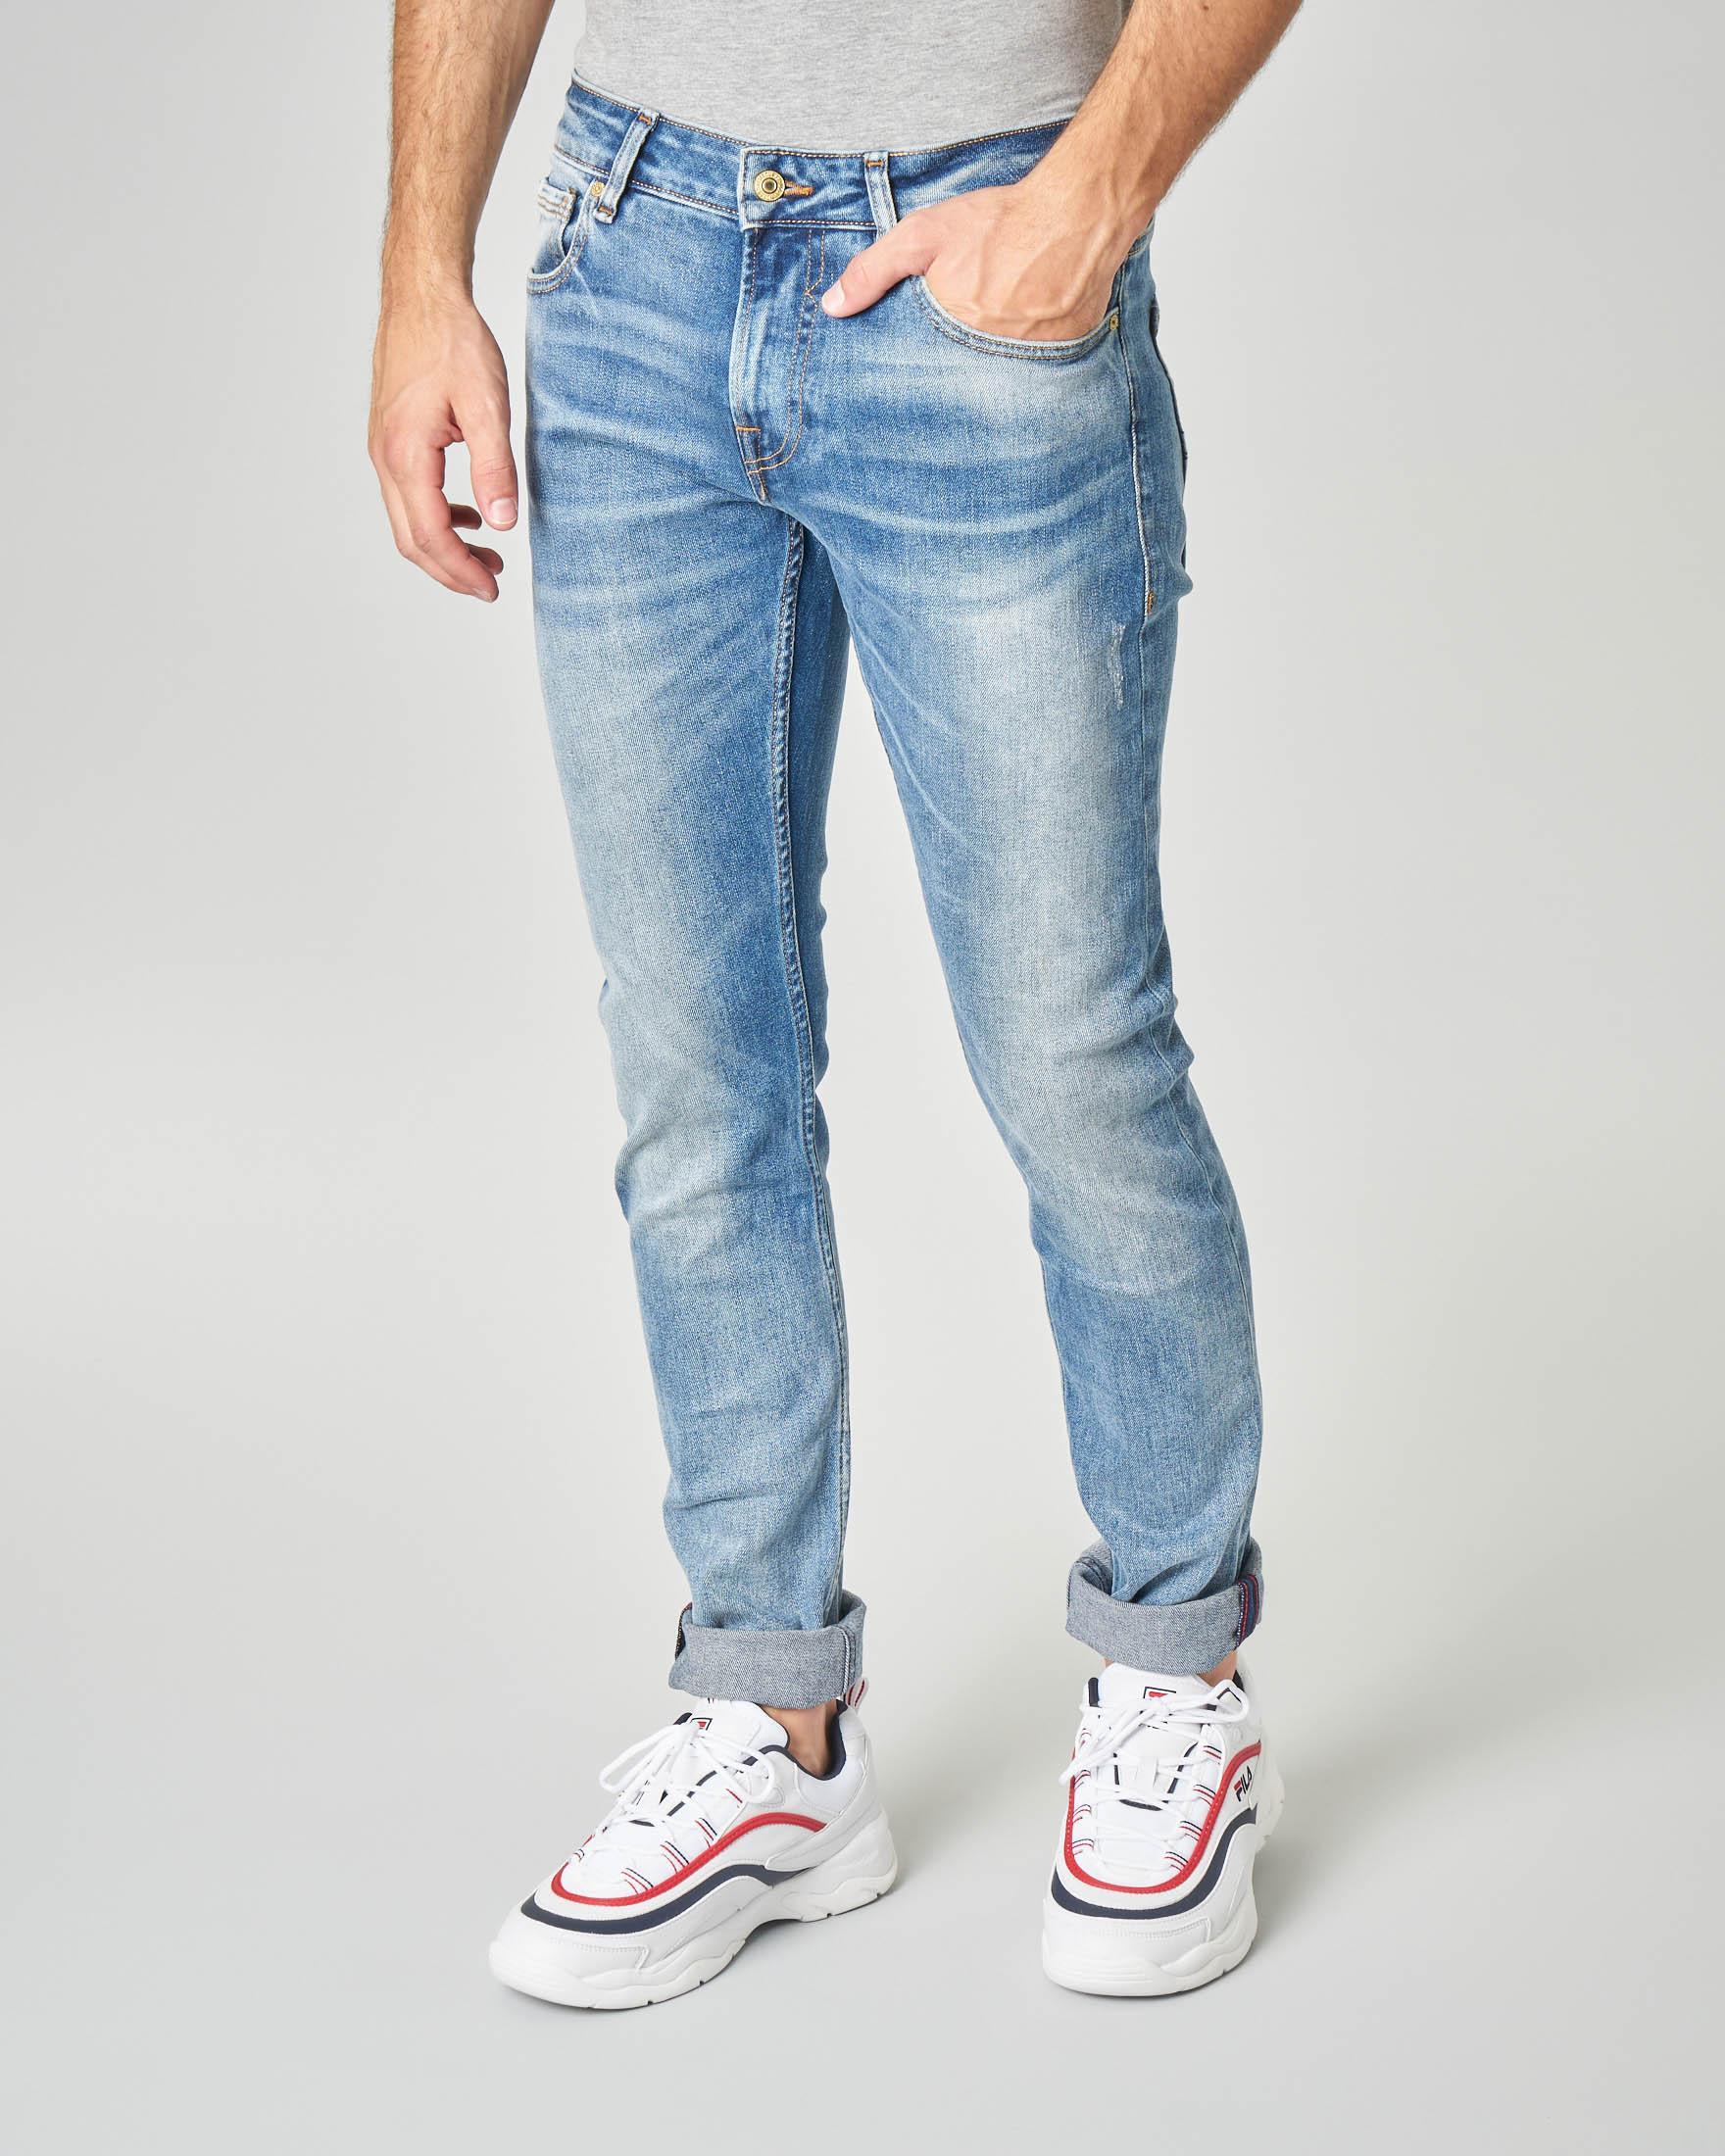 Jeans skinny lavaggio chiaro super stone wash